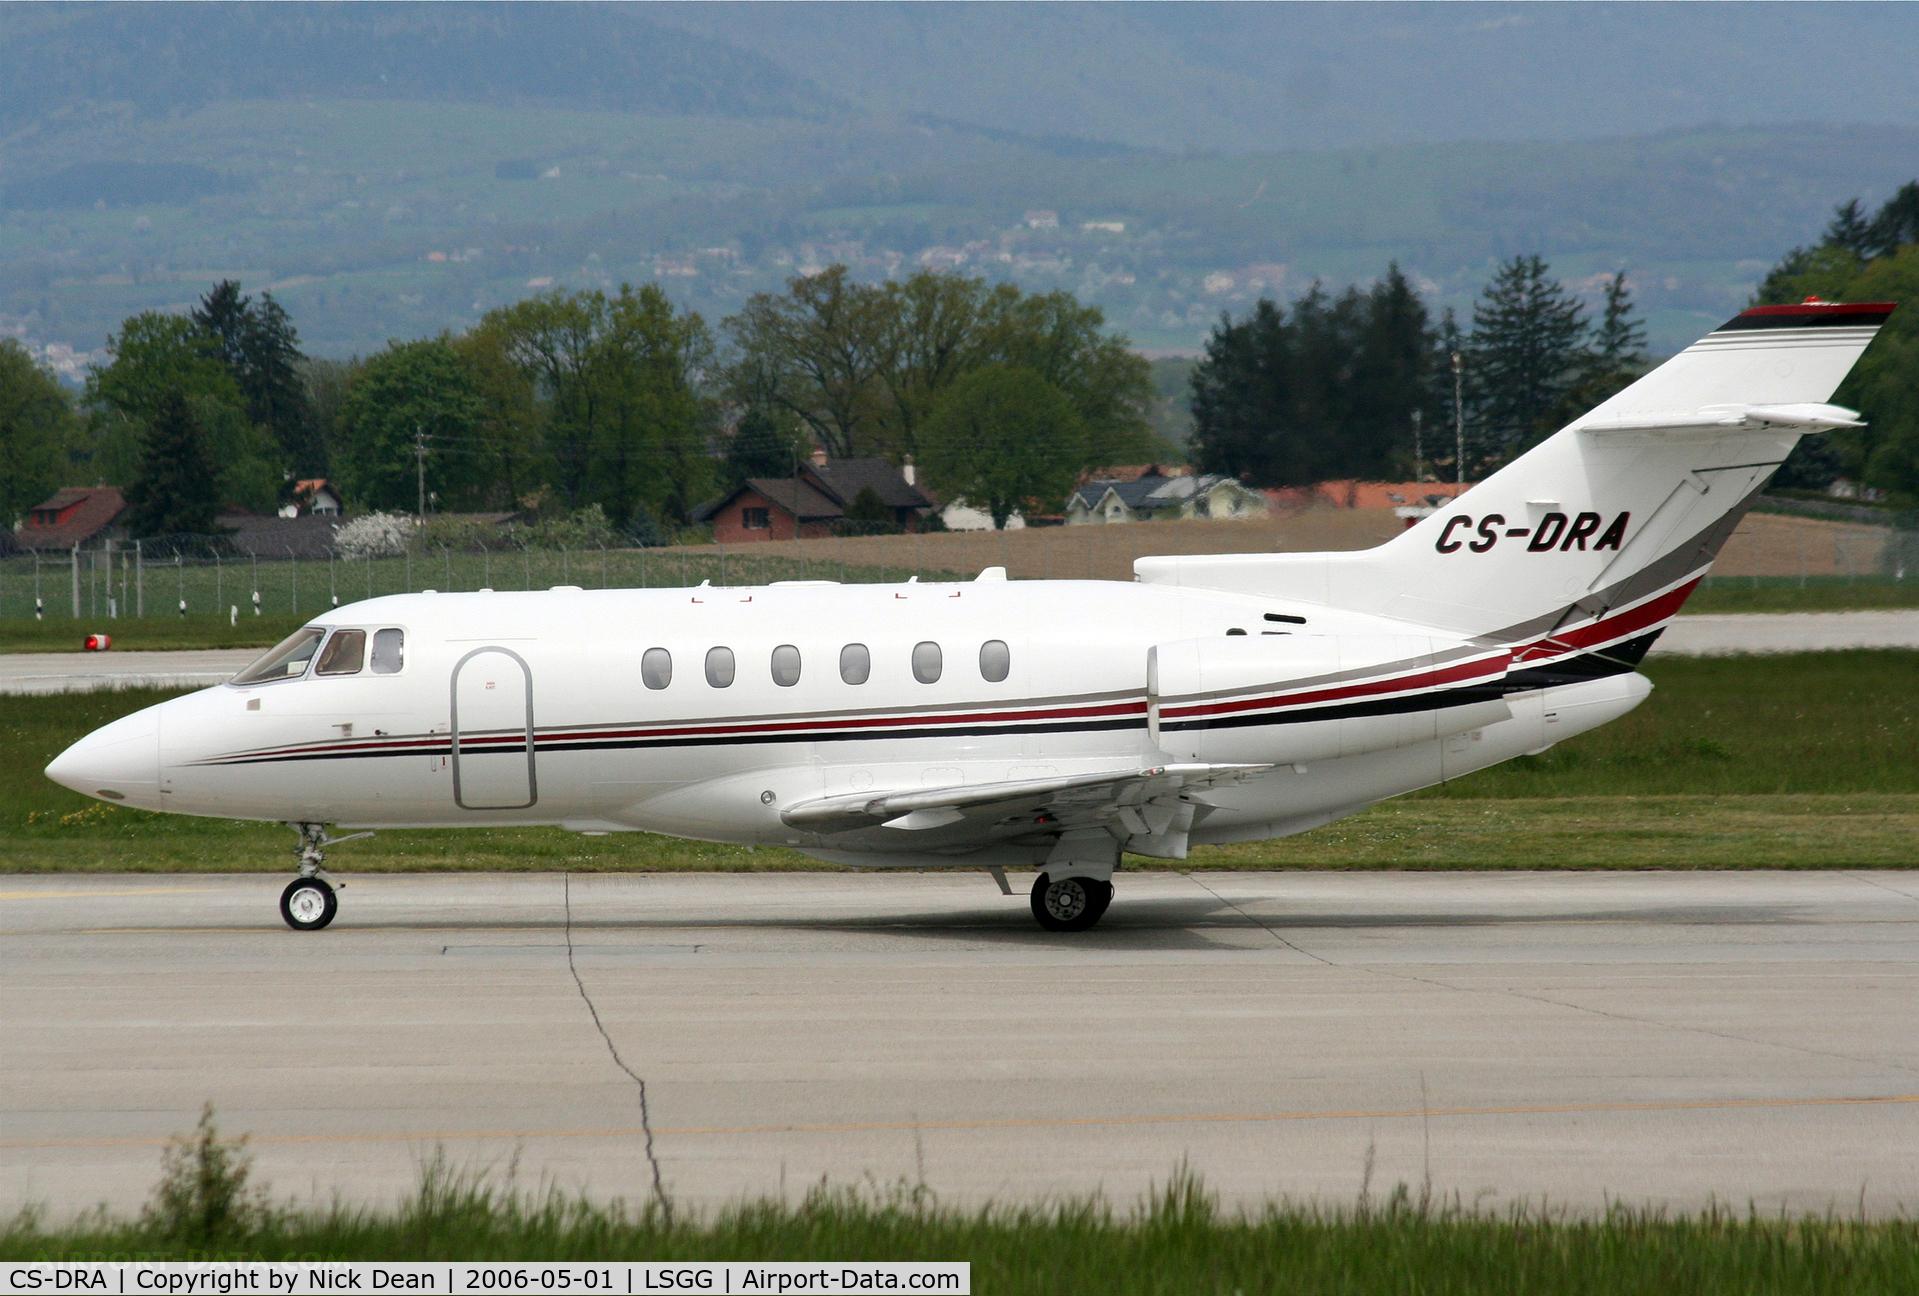 CS-DRA, 2004 Raytheon Hawker 800XP C/N 258686, LSGG